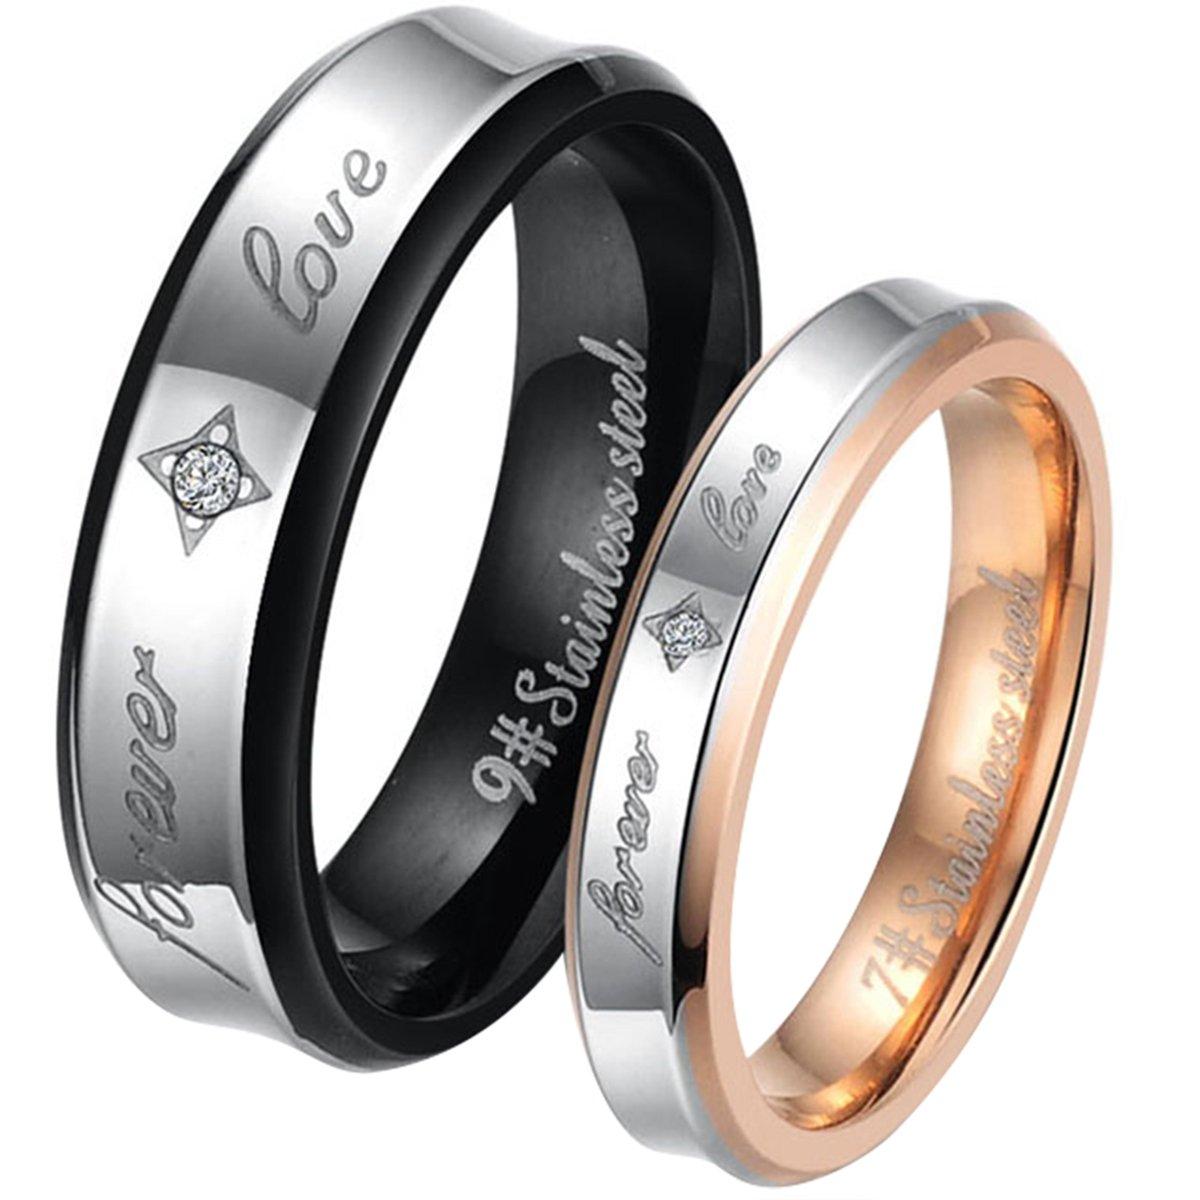 JewelryWe - Par de anillos de acero inoxidable, grabado FOREVER LOVE, para él y para ella, dorado negro plateado - Incluye bolsa de regalo: Amazon.es: ...